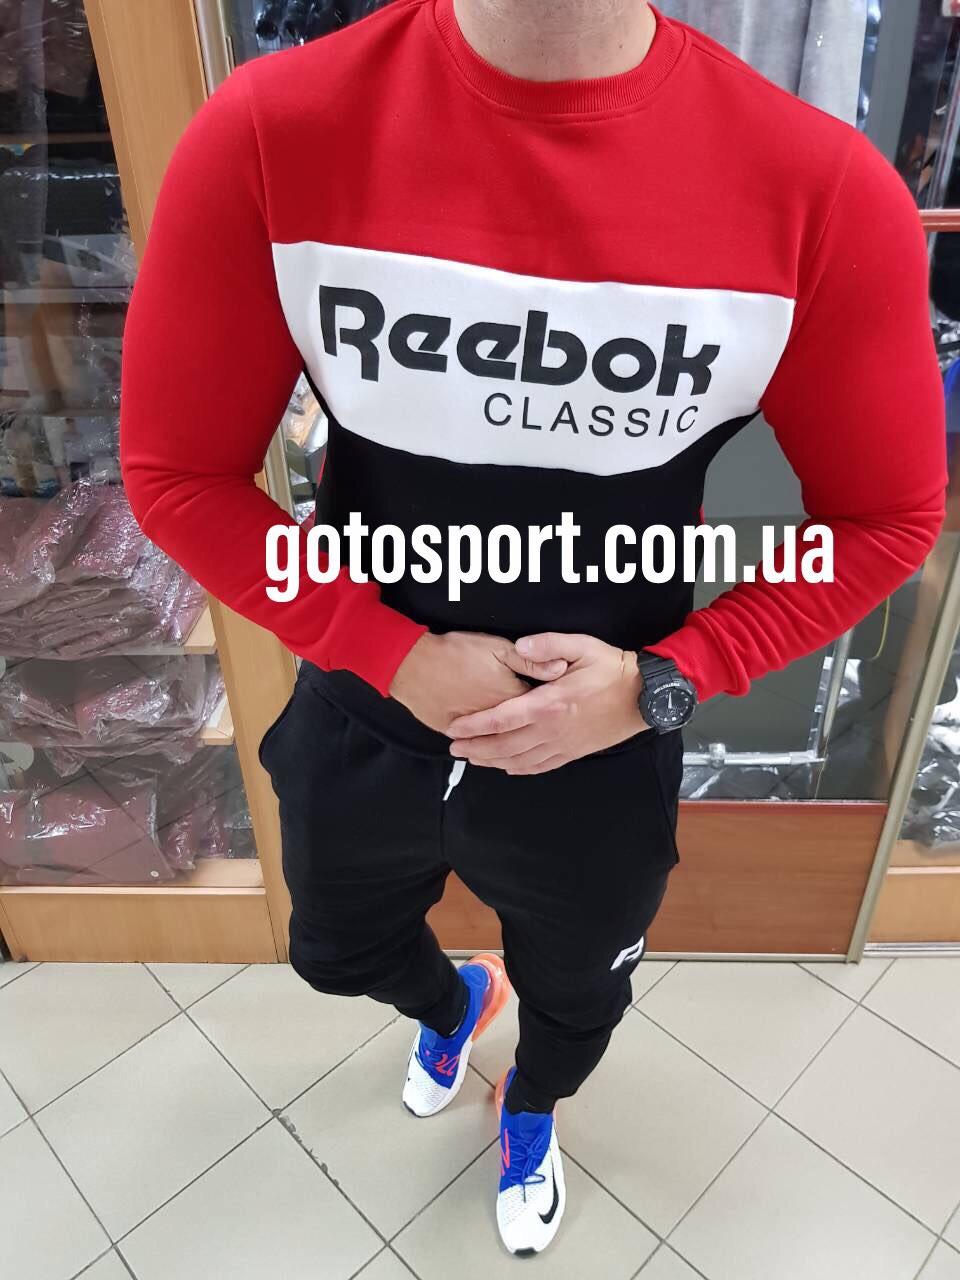 Мужской спортивный костюм Reebok на флисе